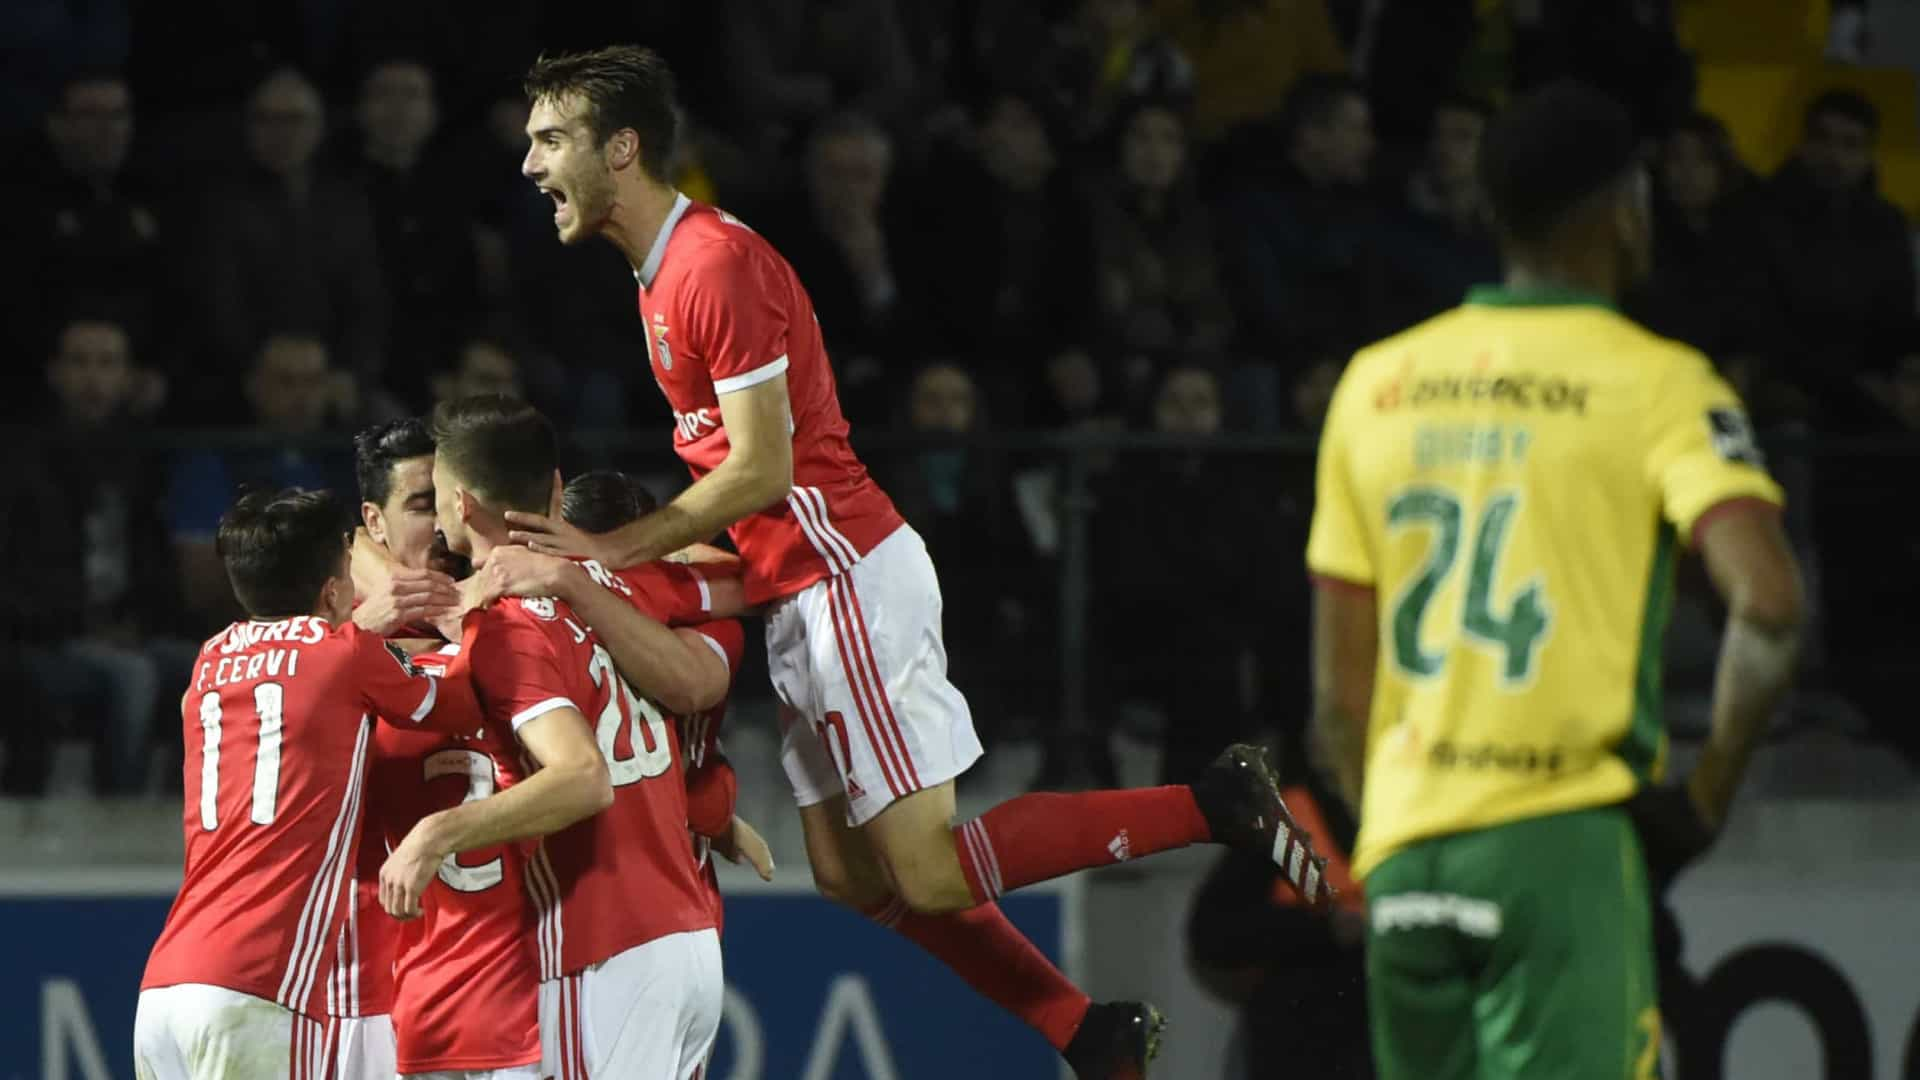 Benfica 'mete a quinta' e deixa dragões à distância de dez pontos